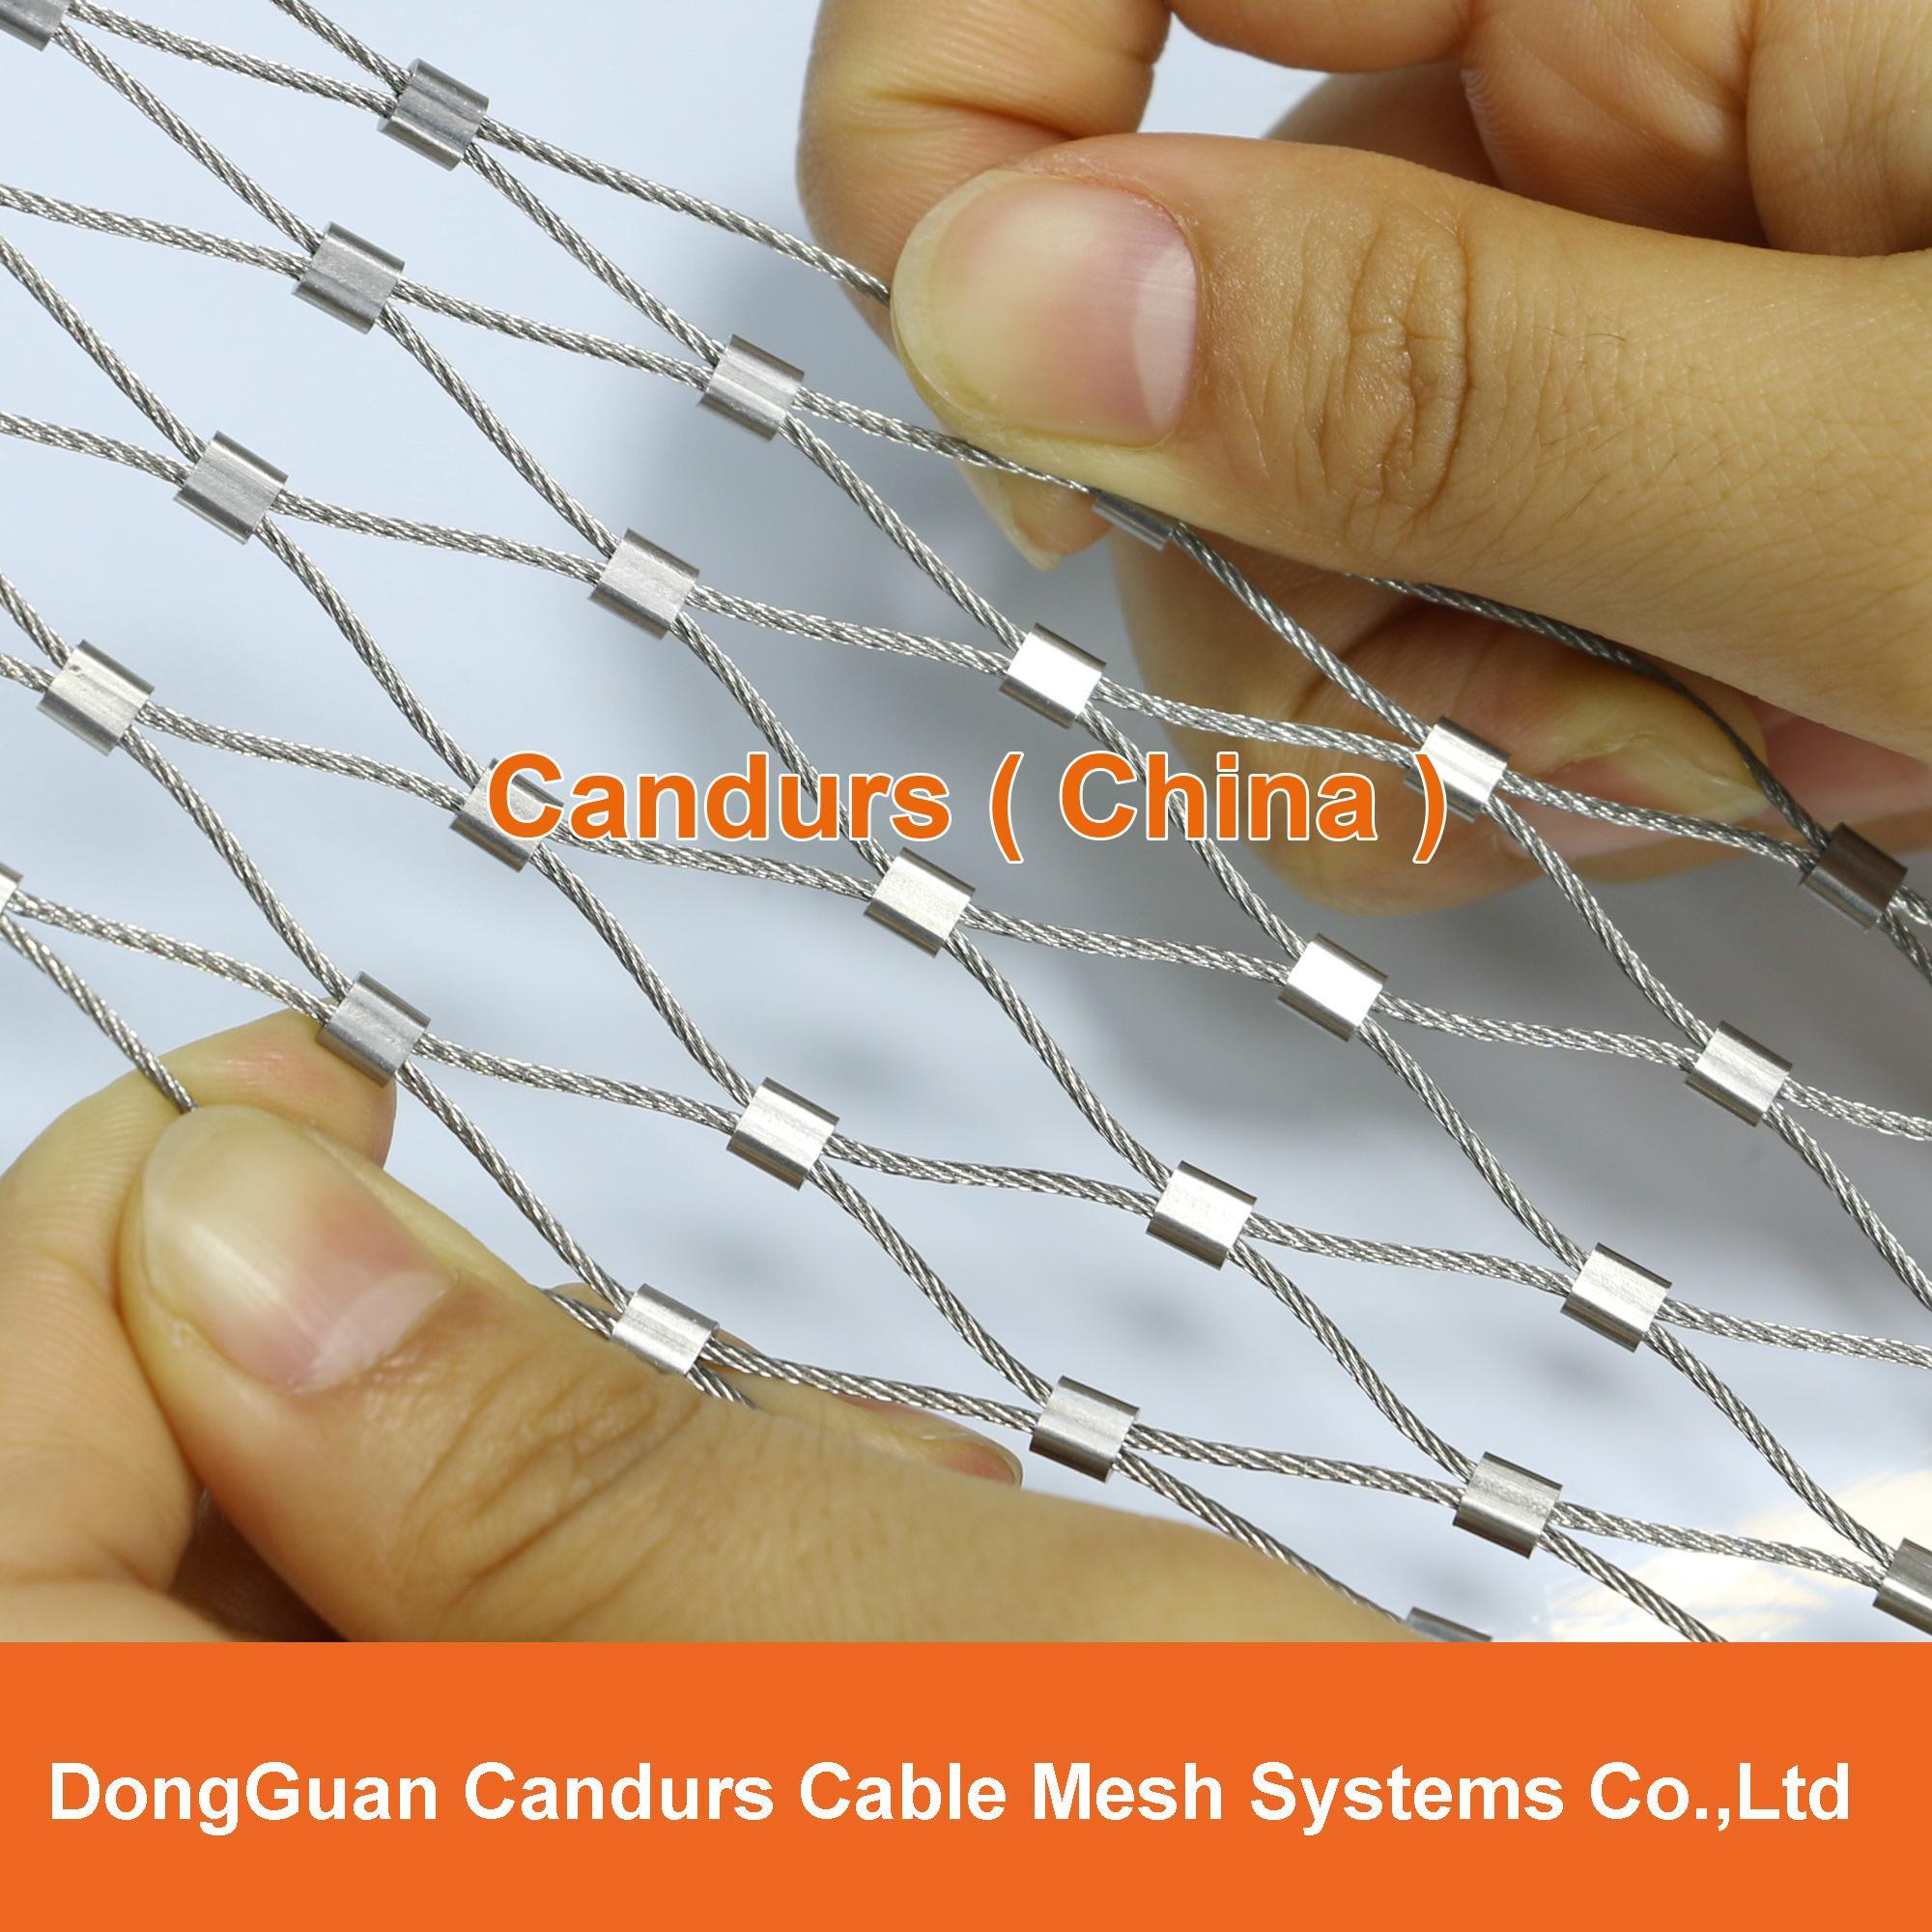 套环网-不锈钢丝绳套环网 7